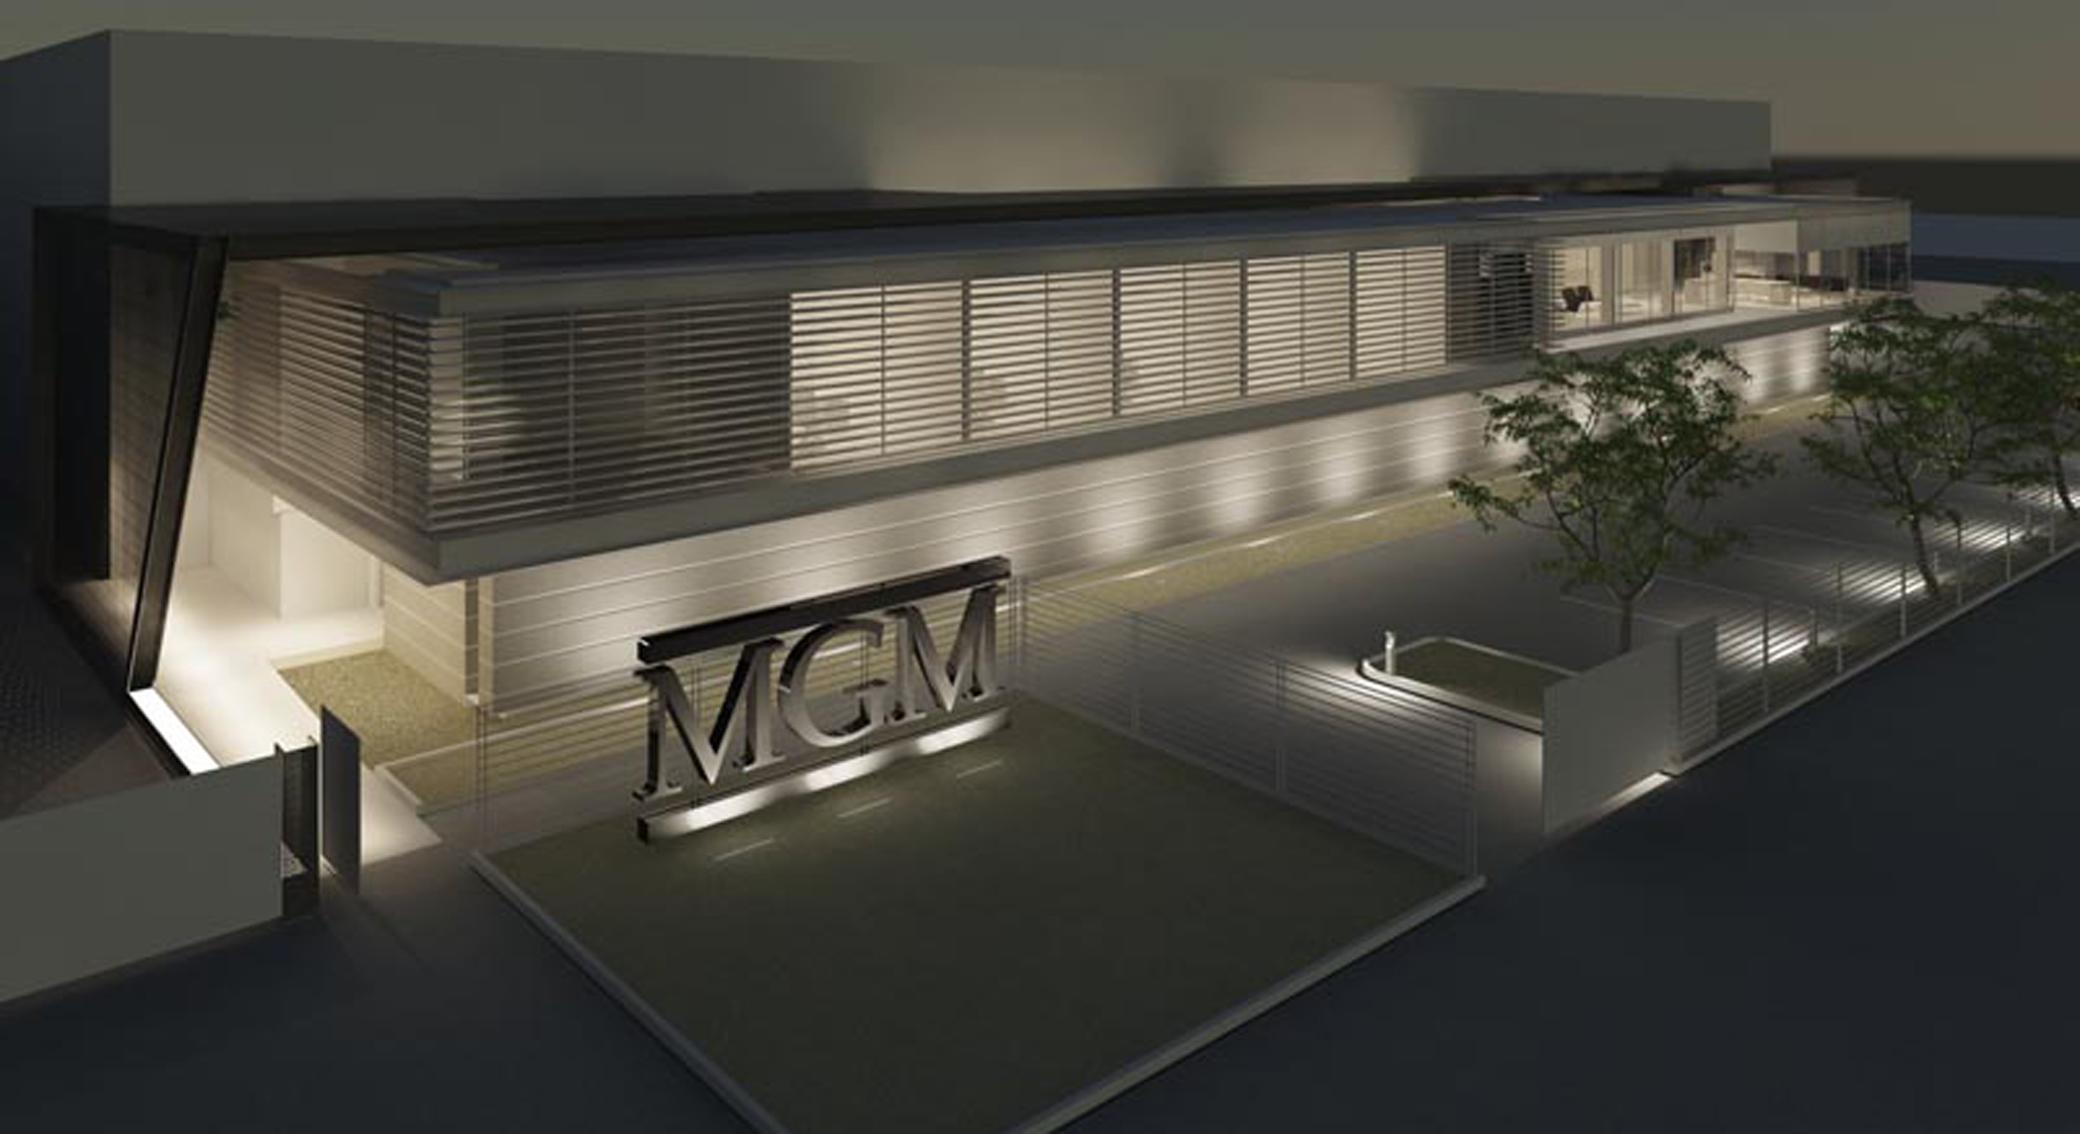 R-MGM-notturni222-0025